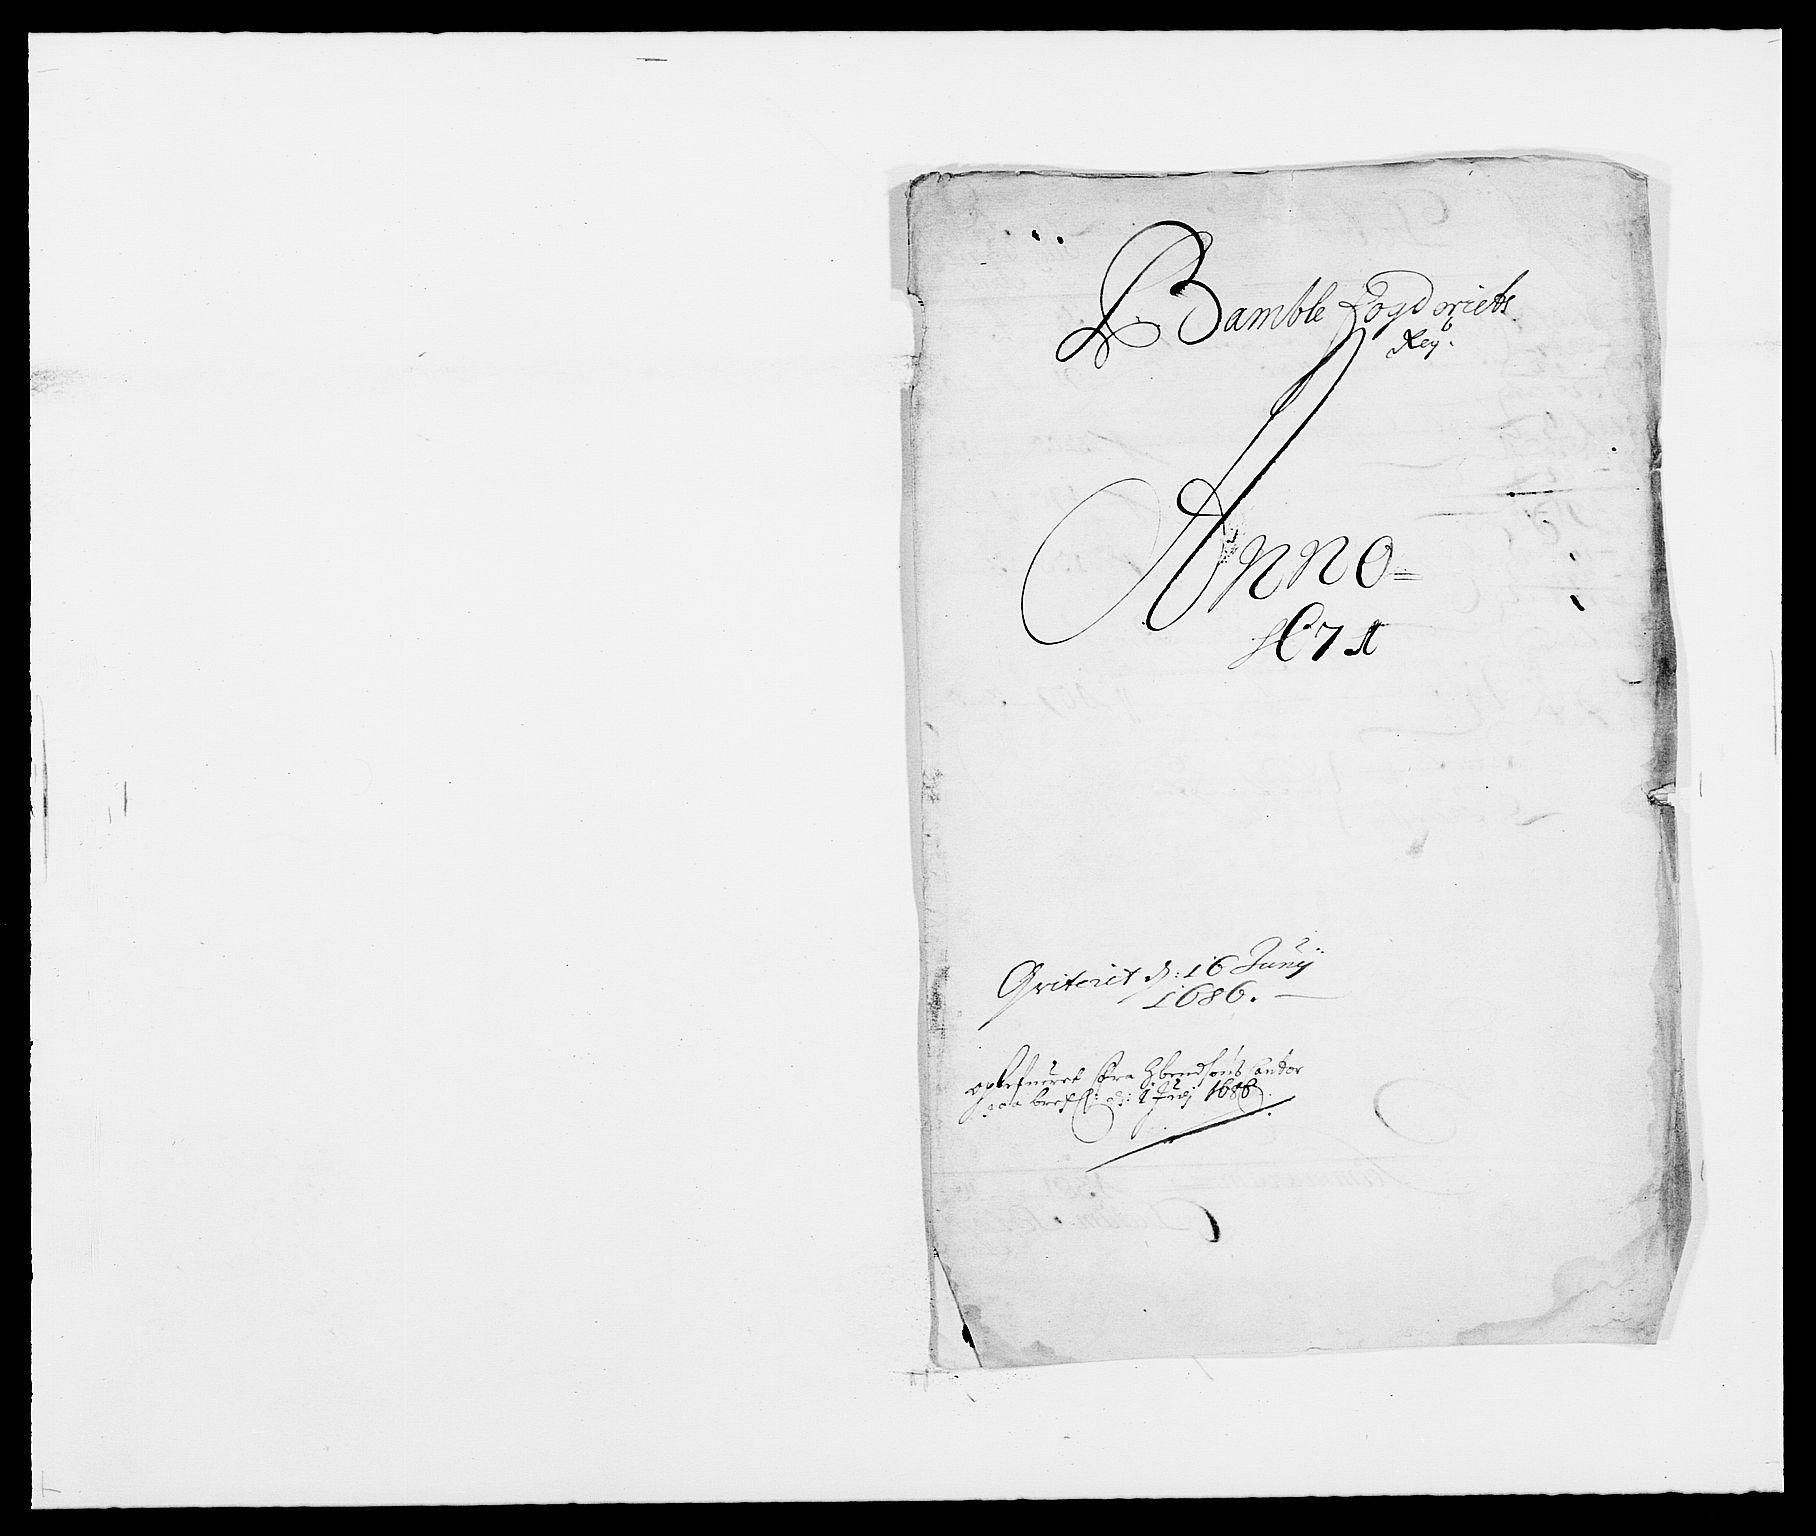 RA, Rentekammeret inntil 1814, Reviderte regnskaper, Fogderegnskap, R34/L2041: Fogderegnskap Bamble, 1670-1672, s. 133